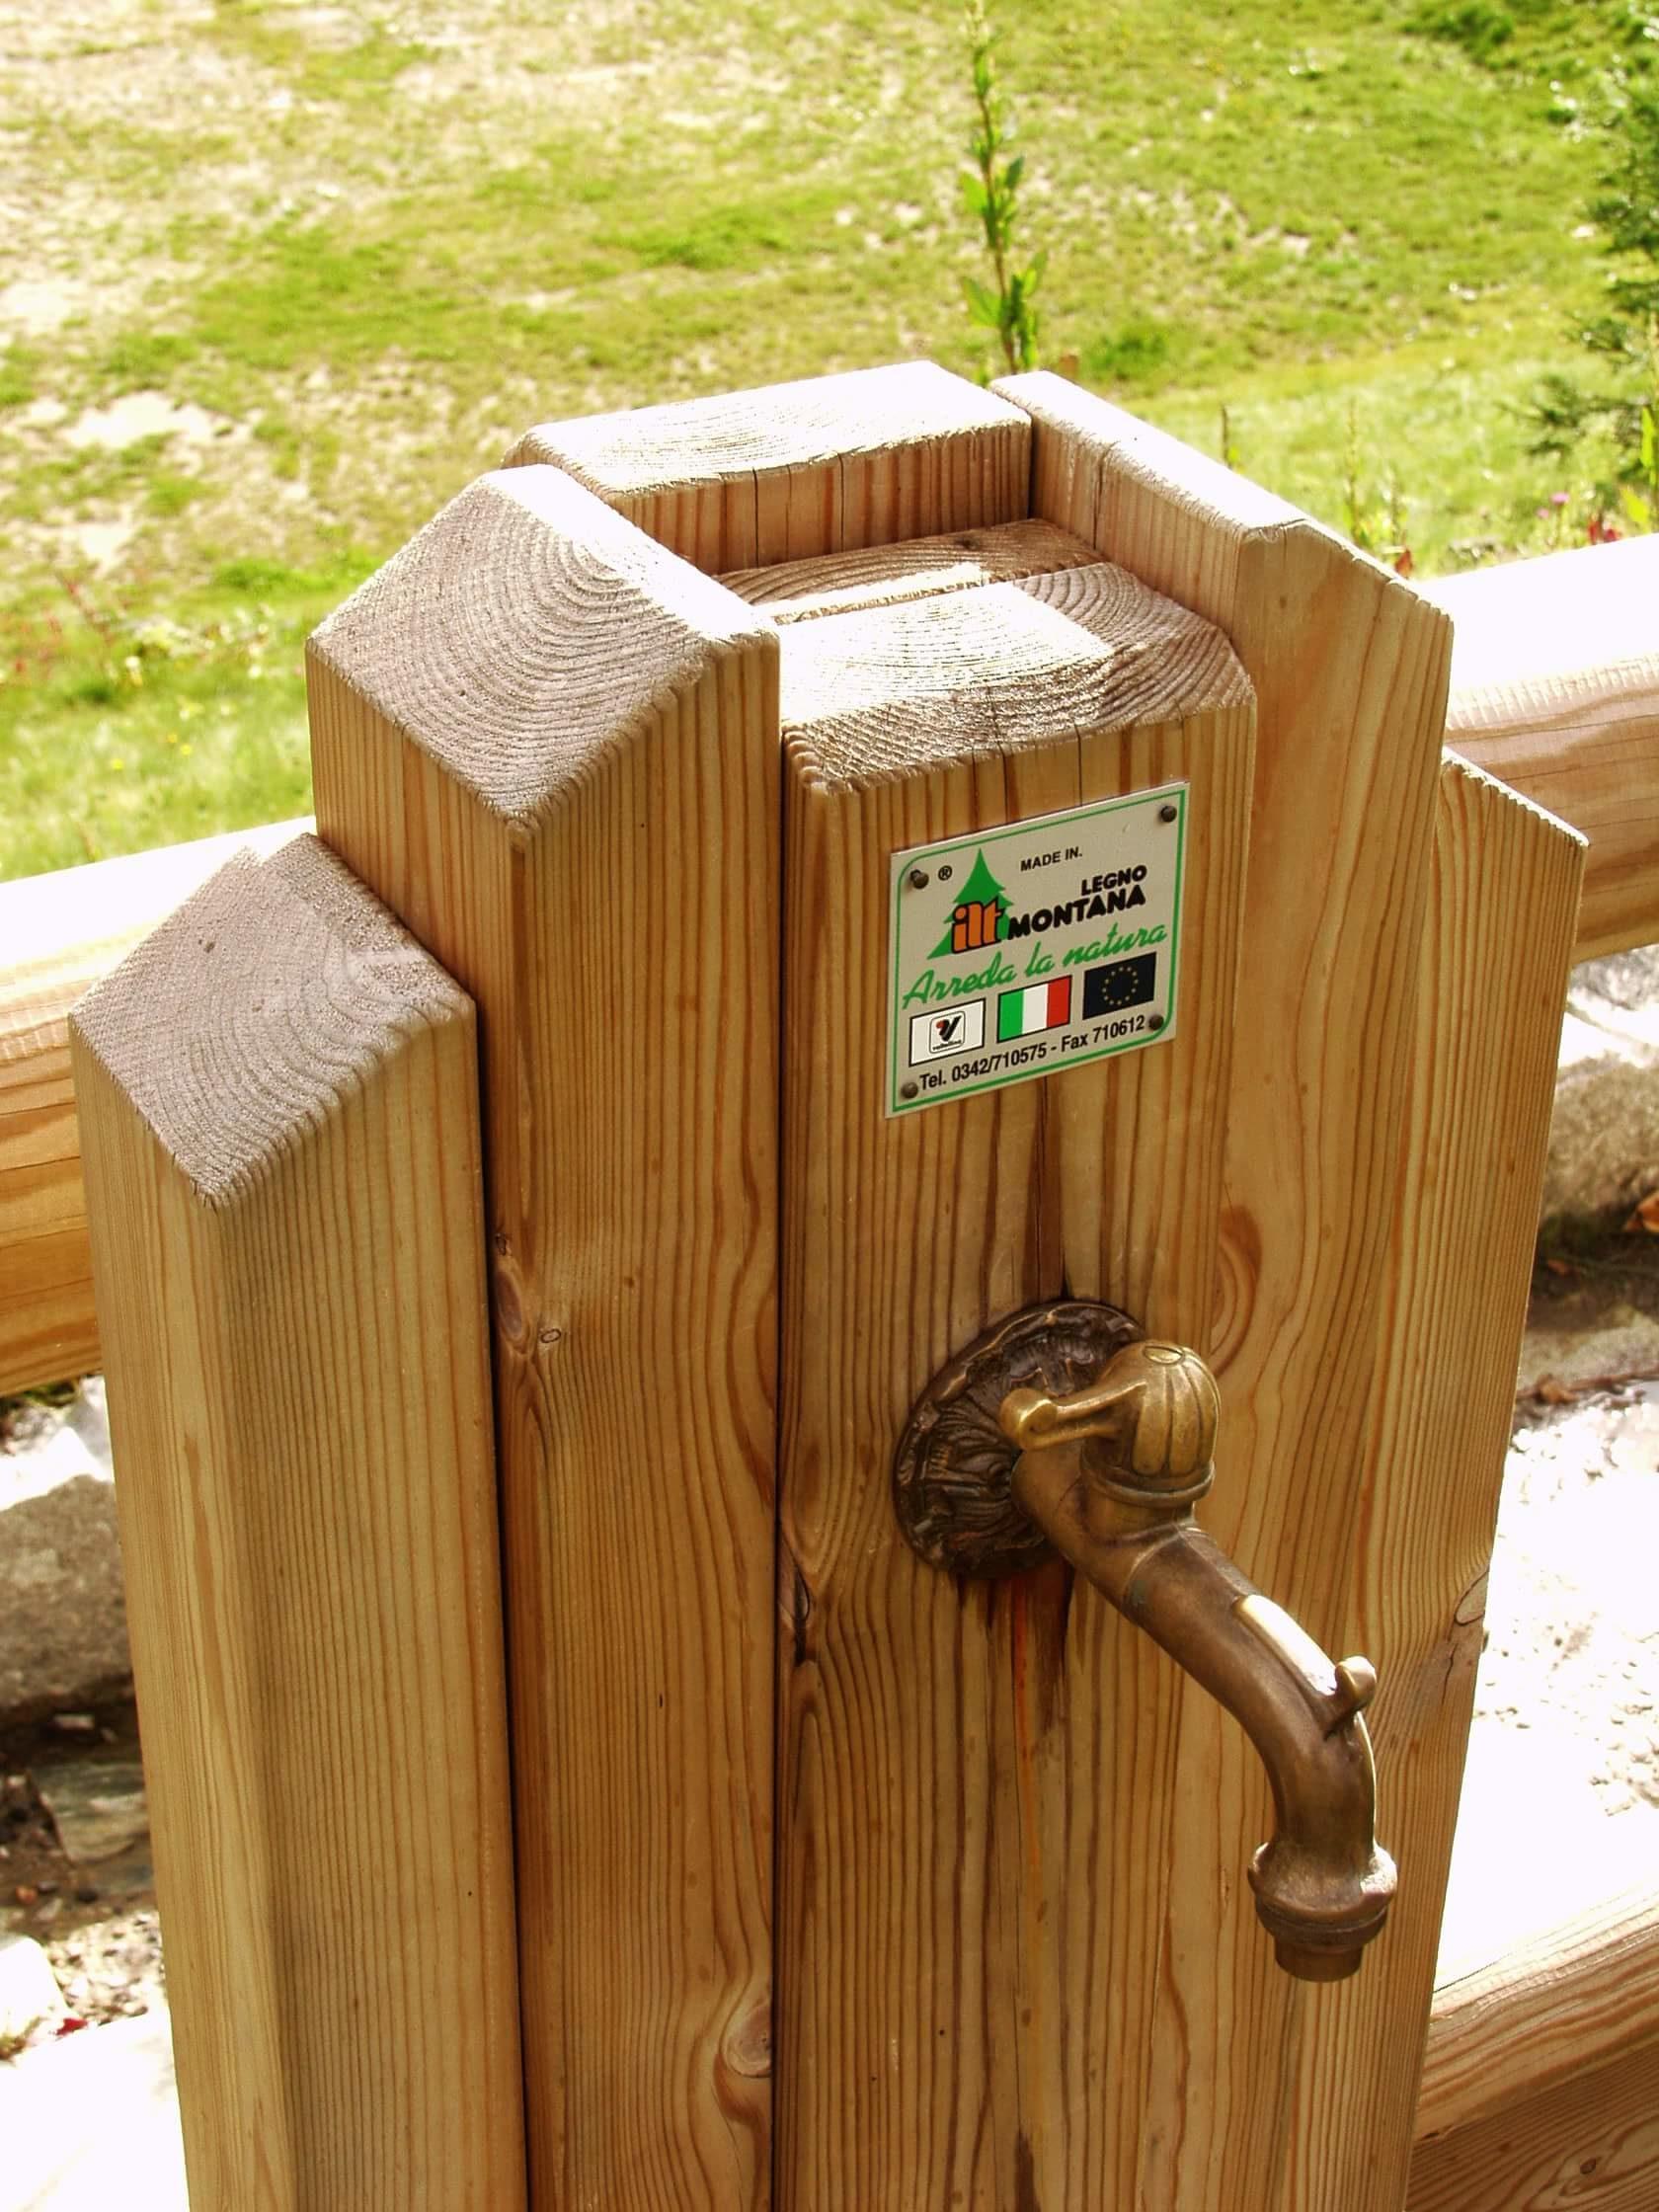 Fontanella in legno di pino impregnato realizzato da Linea Montanalegno - ILT